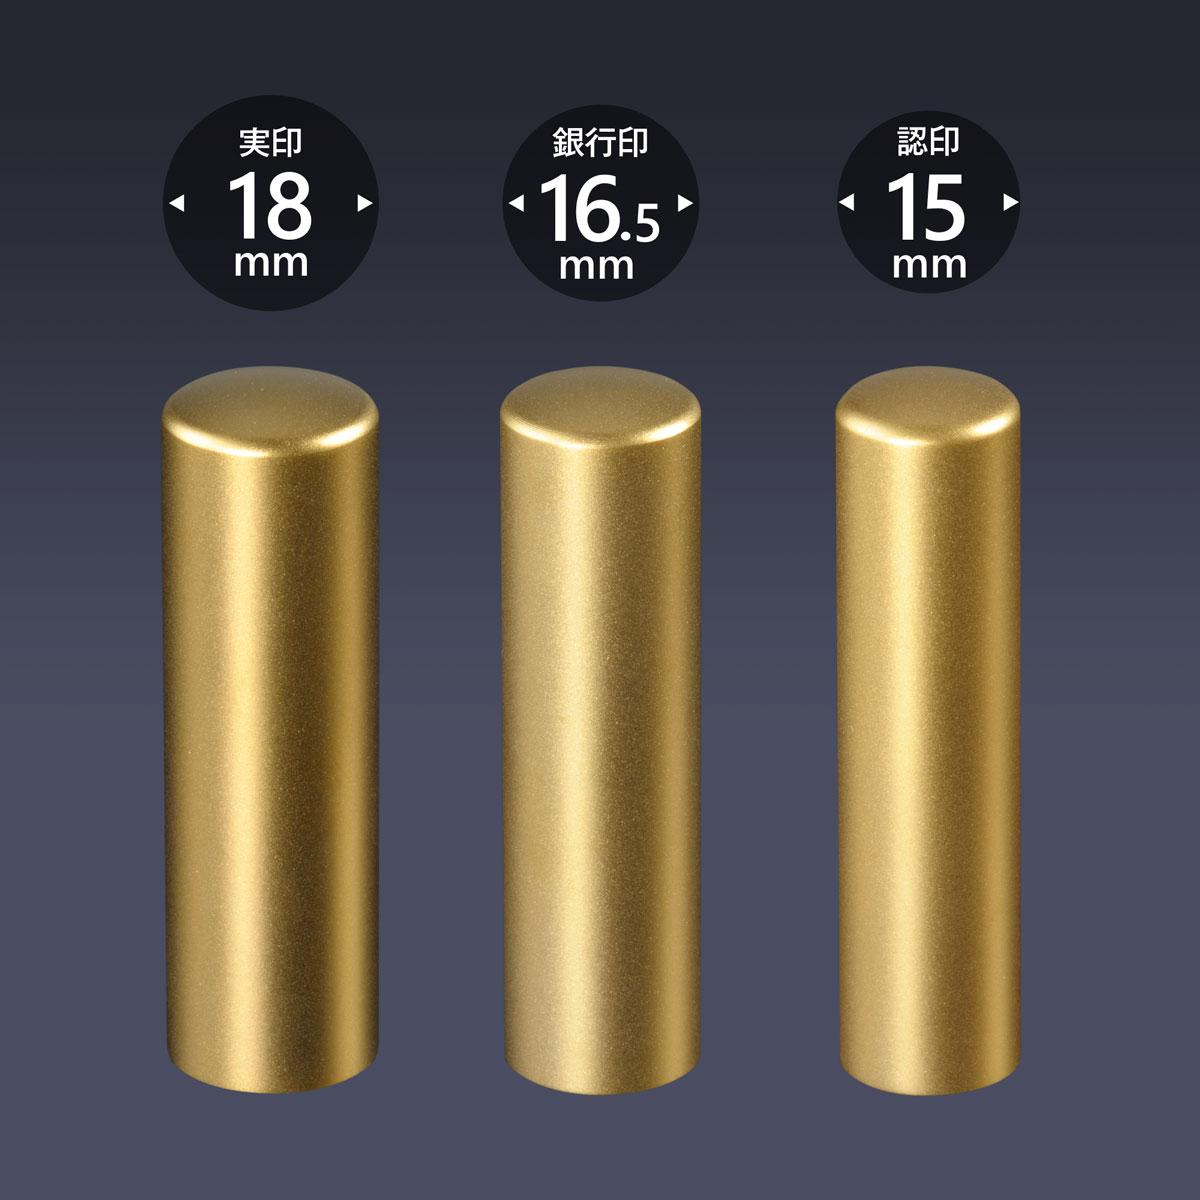 個人印 ブラストチタン(ゴールド) 3本Oセット/送料無料 女性 印鑑 男性 実印 銀行印 認印 はんこ 判子 プレゼント ギフト